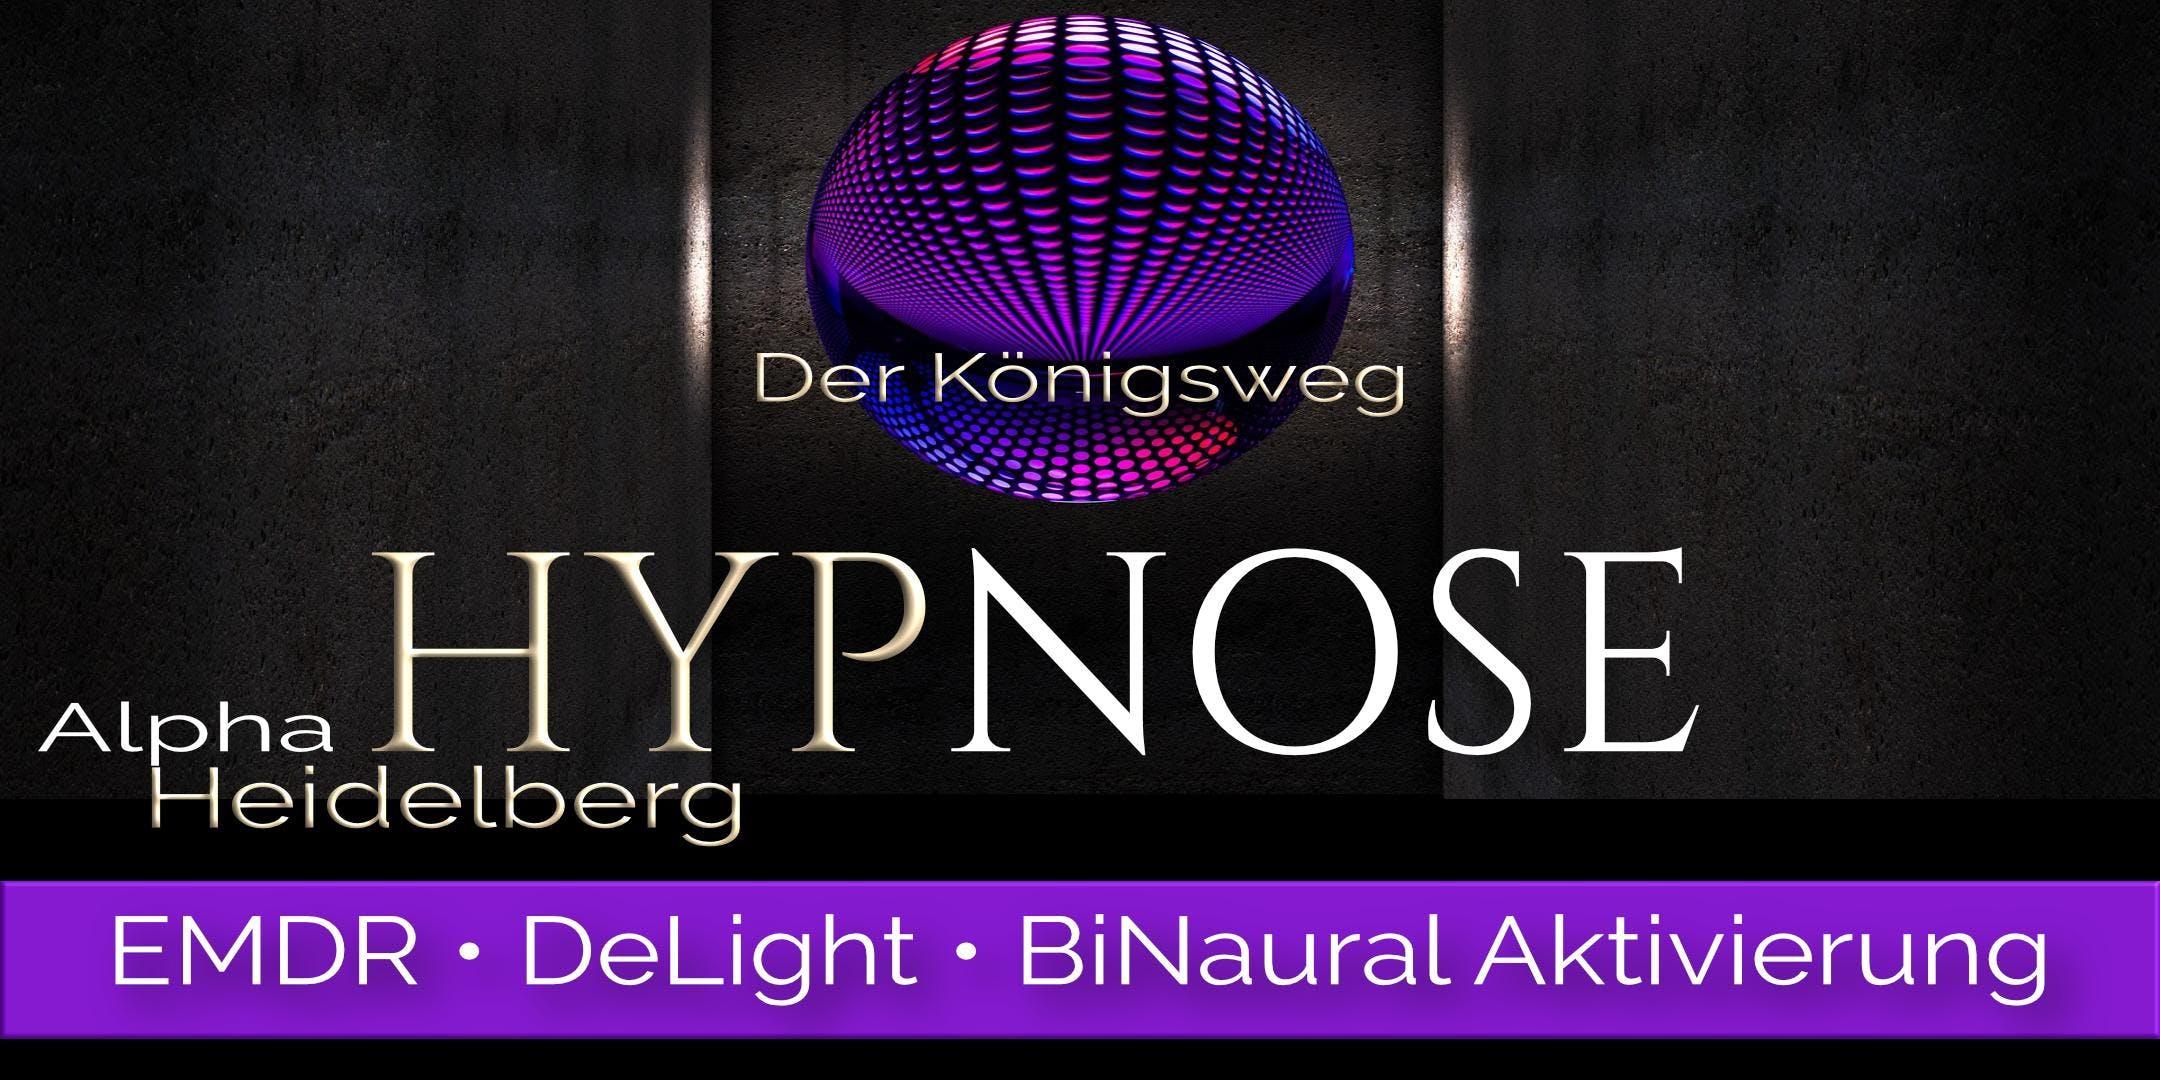 ALPHA HYPNOSE • Audiovisuelle Ressourcen Akti